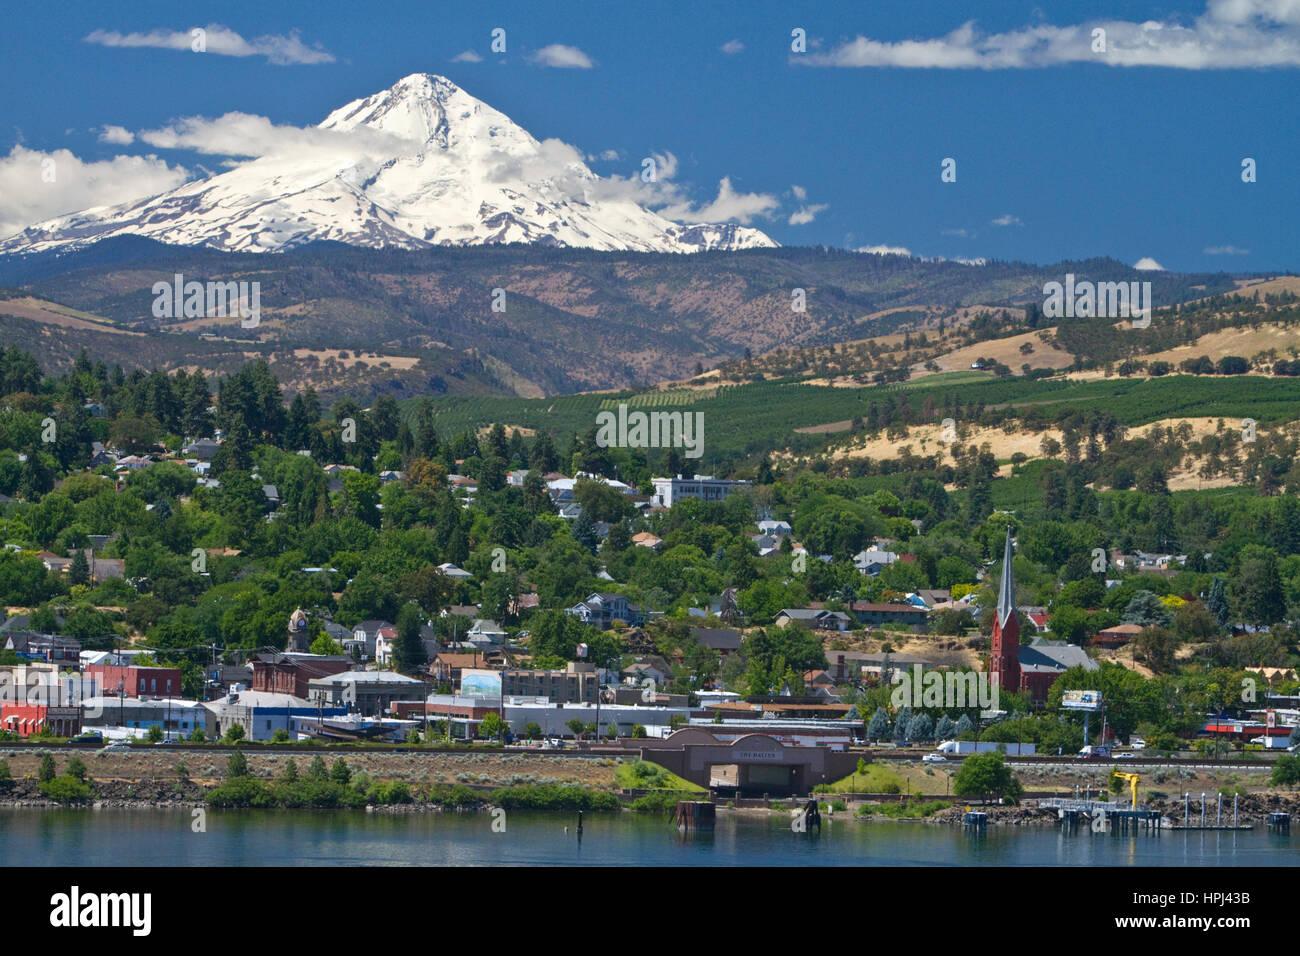 Ein Blick auf Mount Hood in Stadt von The Dalles, Oregon, USA. Stockfoto